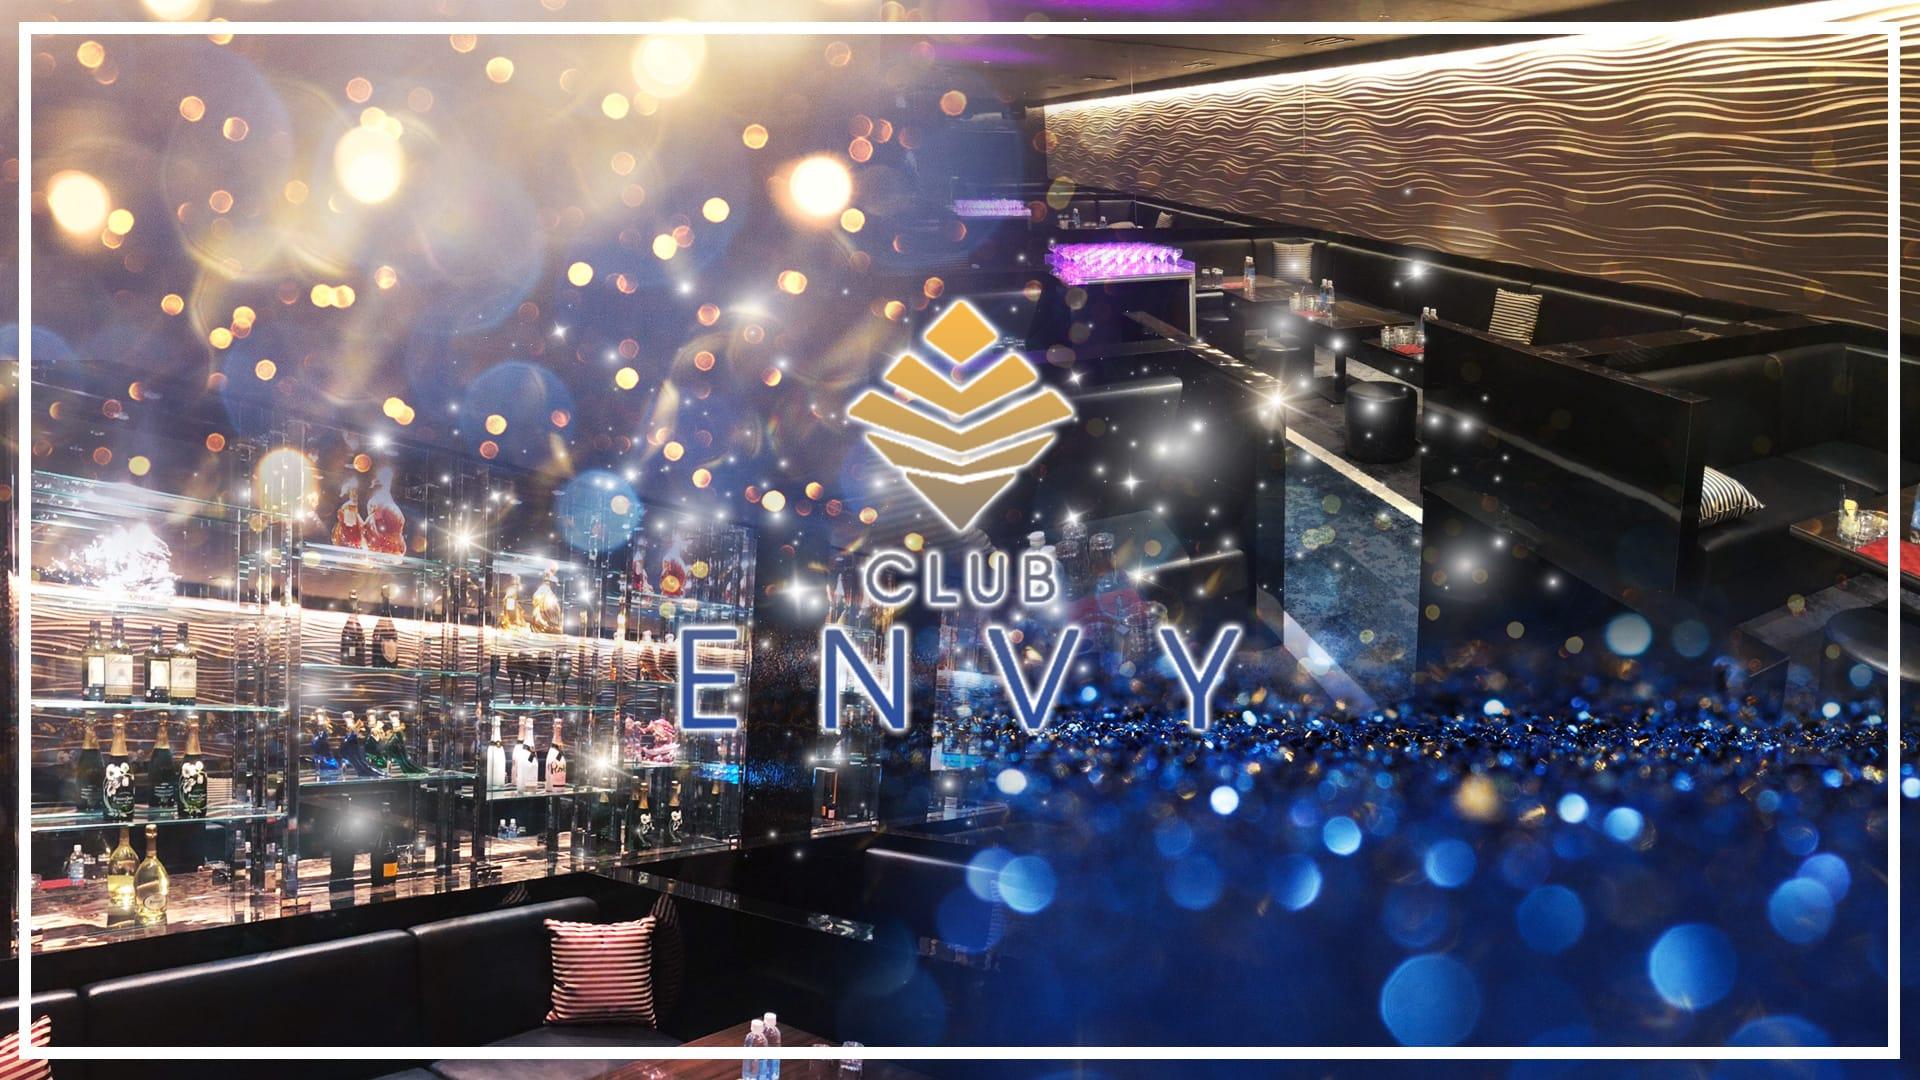 club ENVY(クラブエンヴィ) 中洲キャバクラ TOP画像